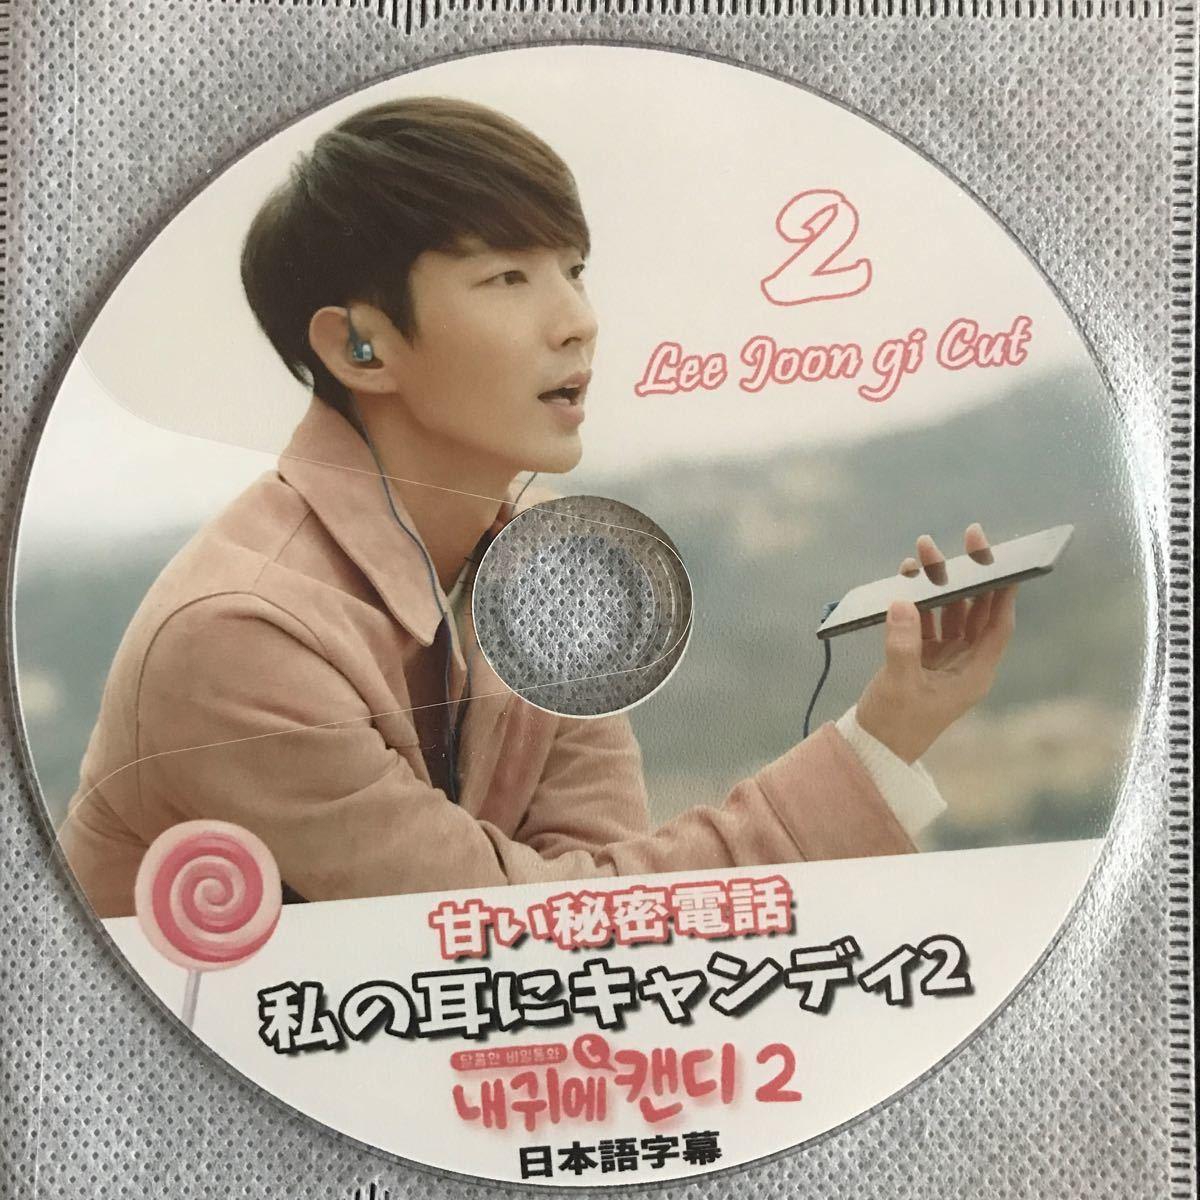 イ・ジュンギ DVD 私の耳にキャンディ2 韓国ドラマDVD